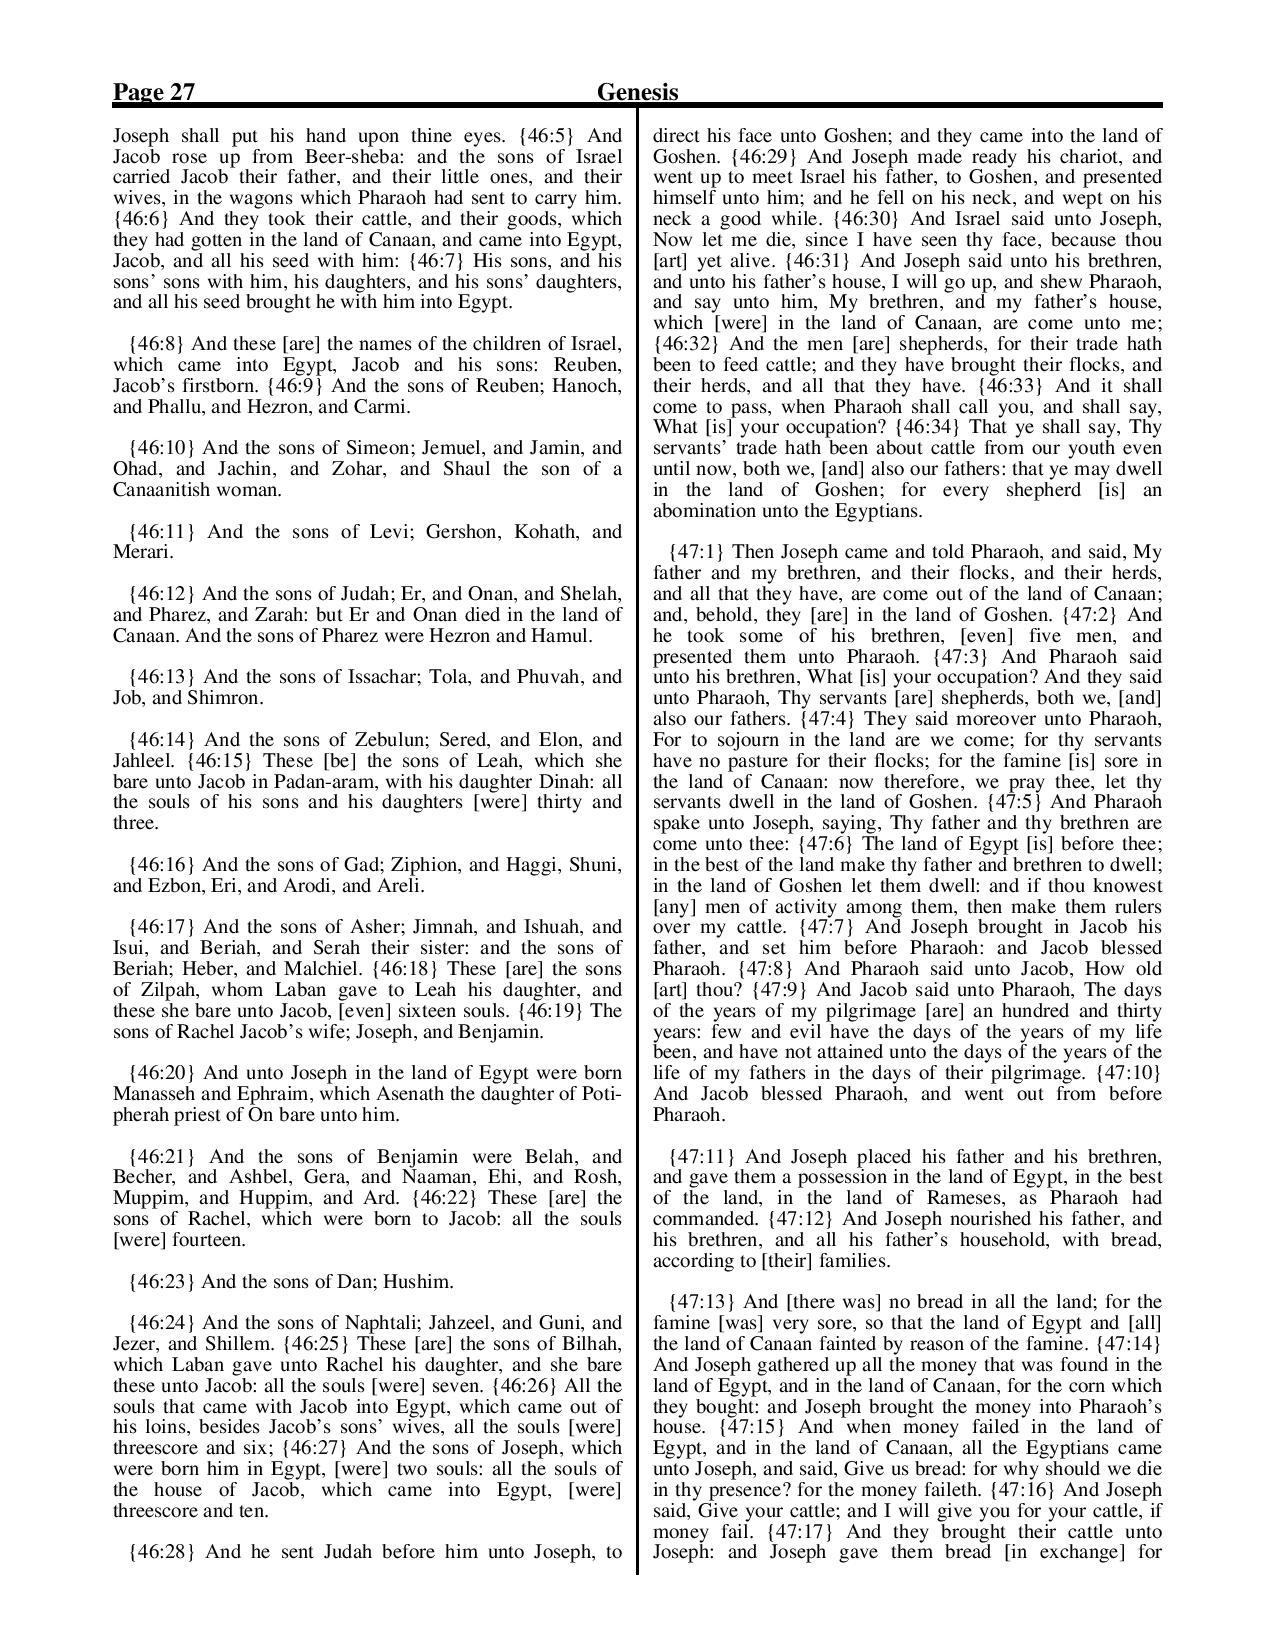 King-James-Bible-KJV-Bible-PDF-page-048